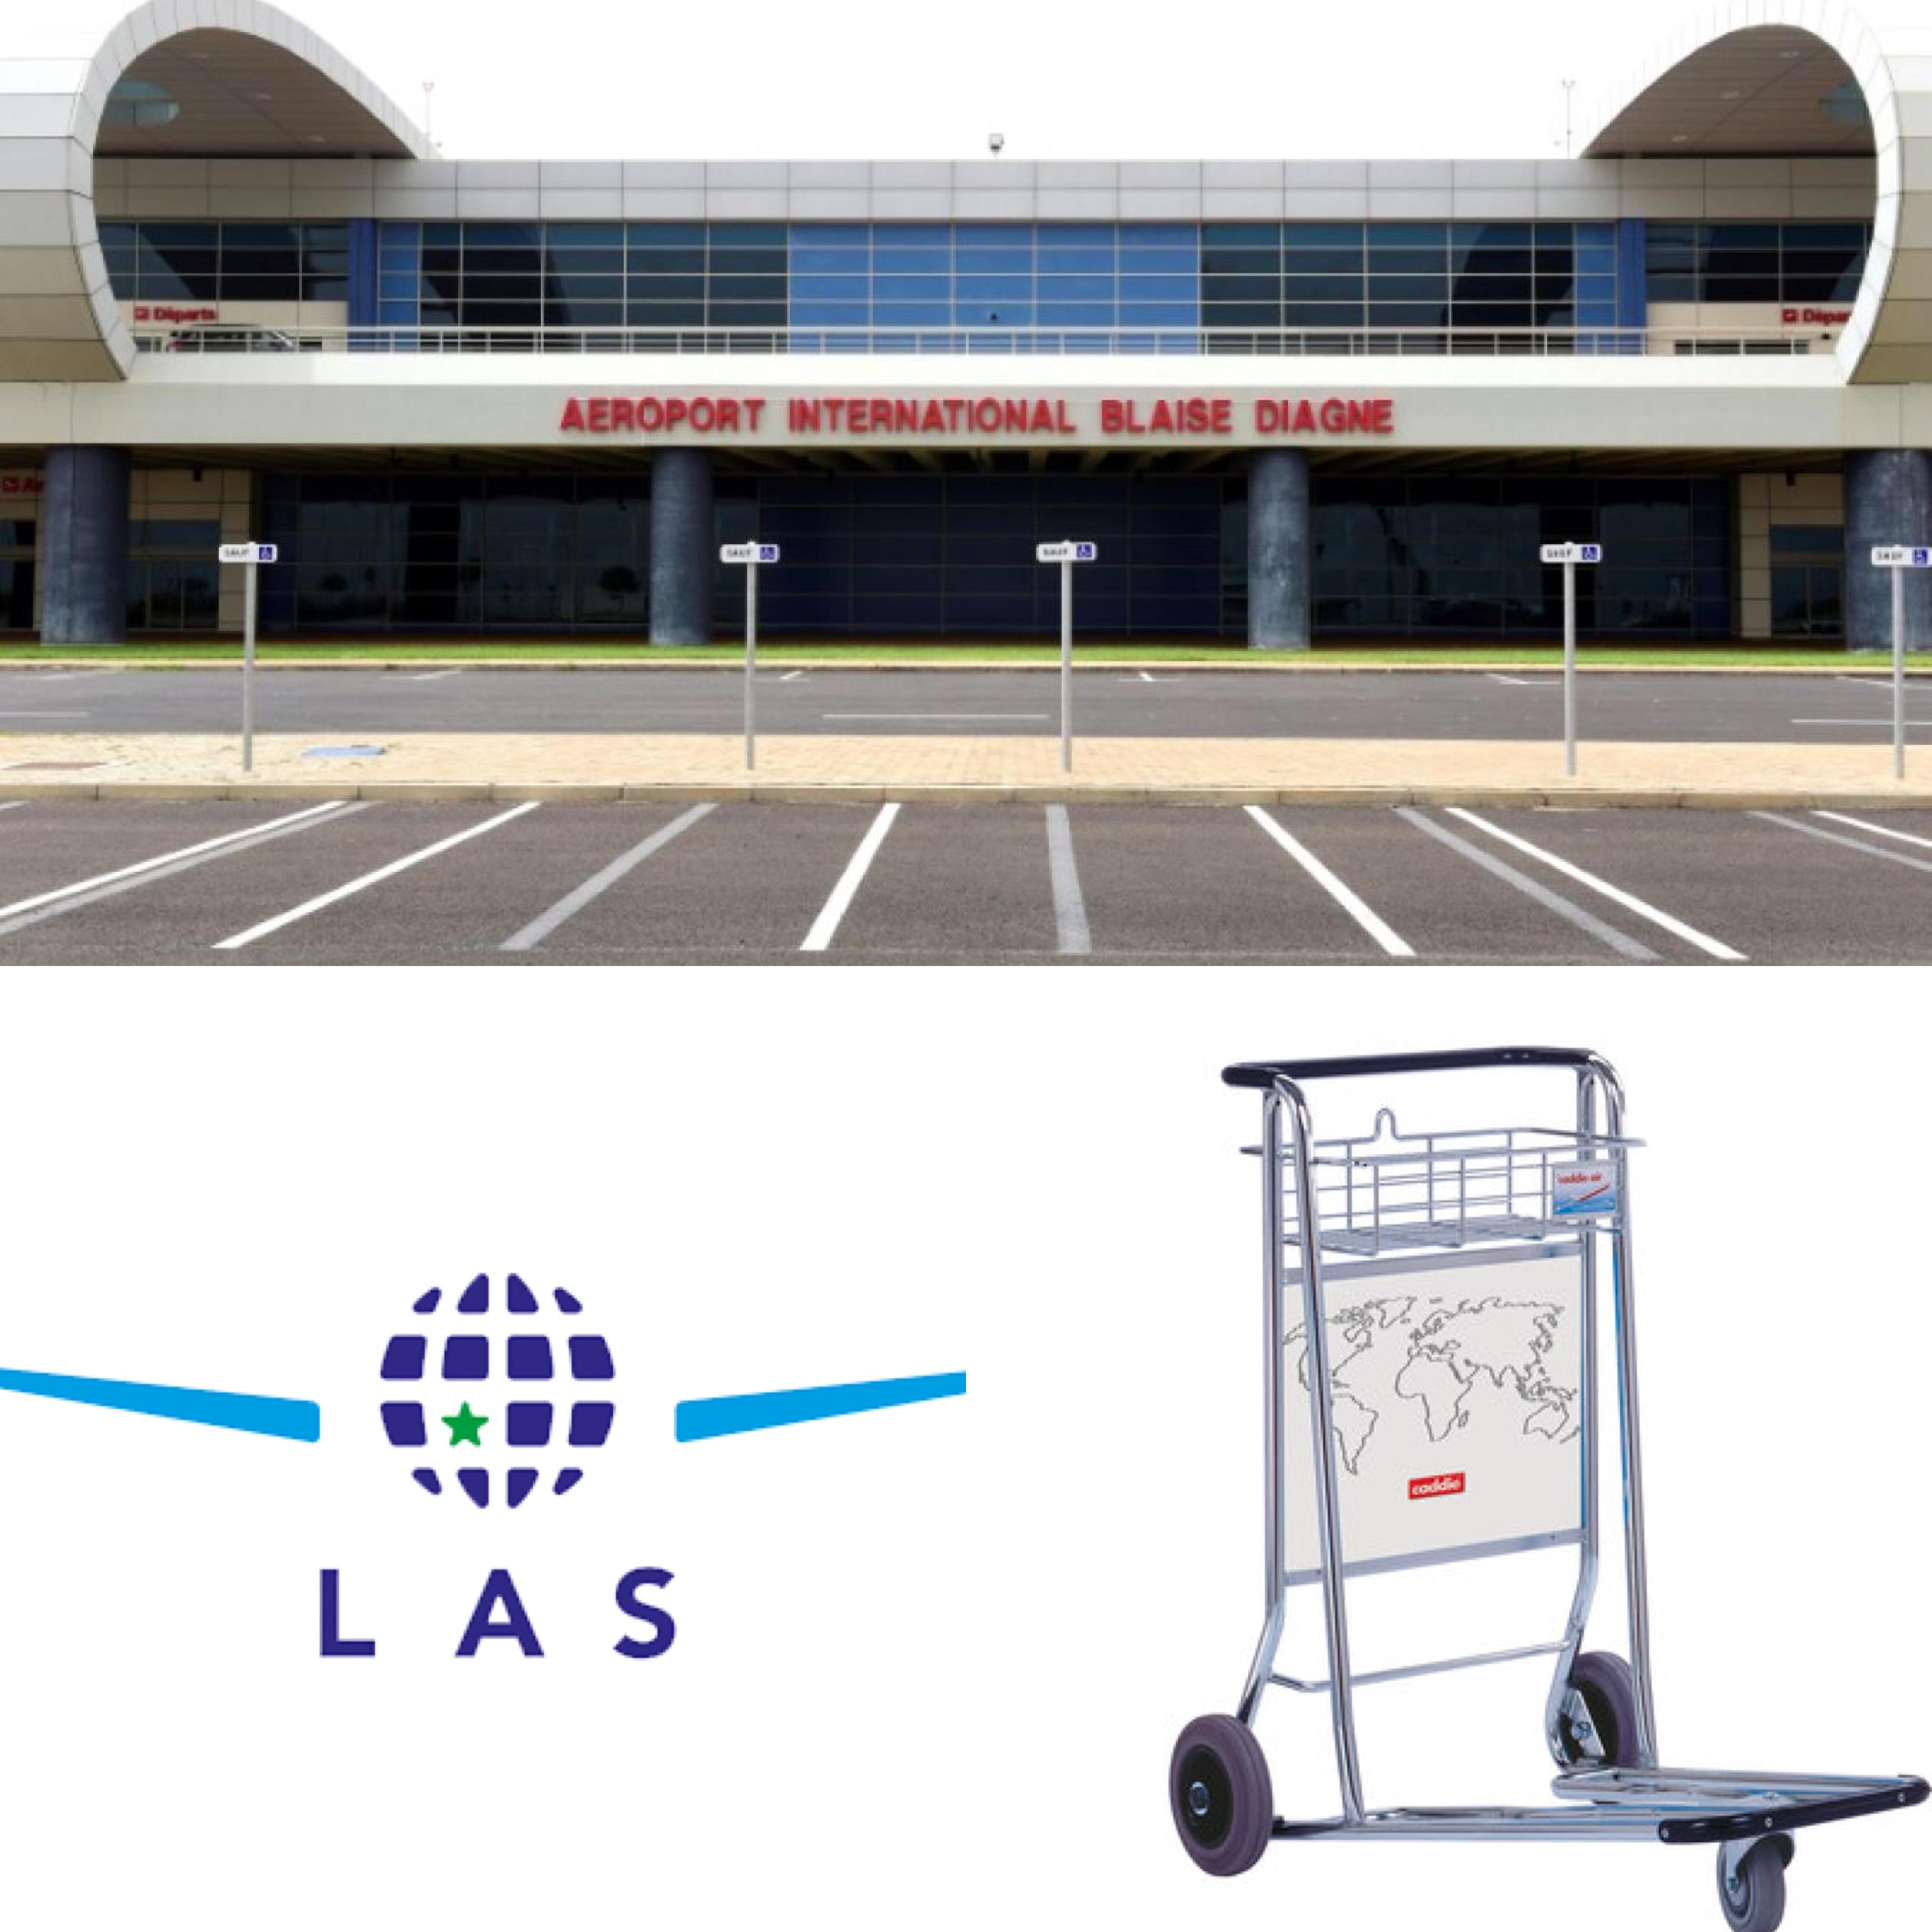 Aéroport de Diass : le conflit entre Las et la société adjudicataire risque de provoquer une pénurie de chariots